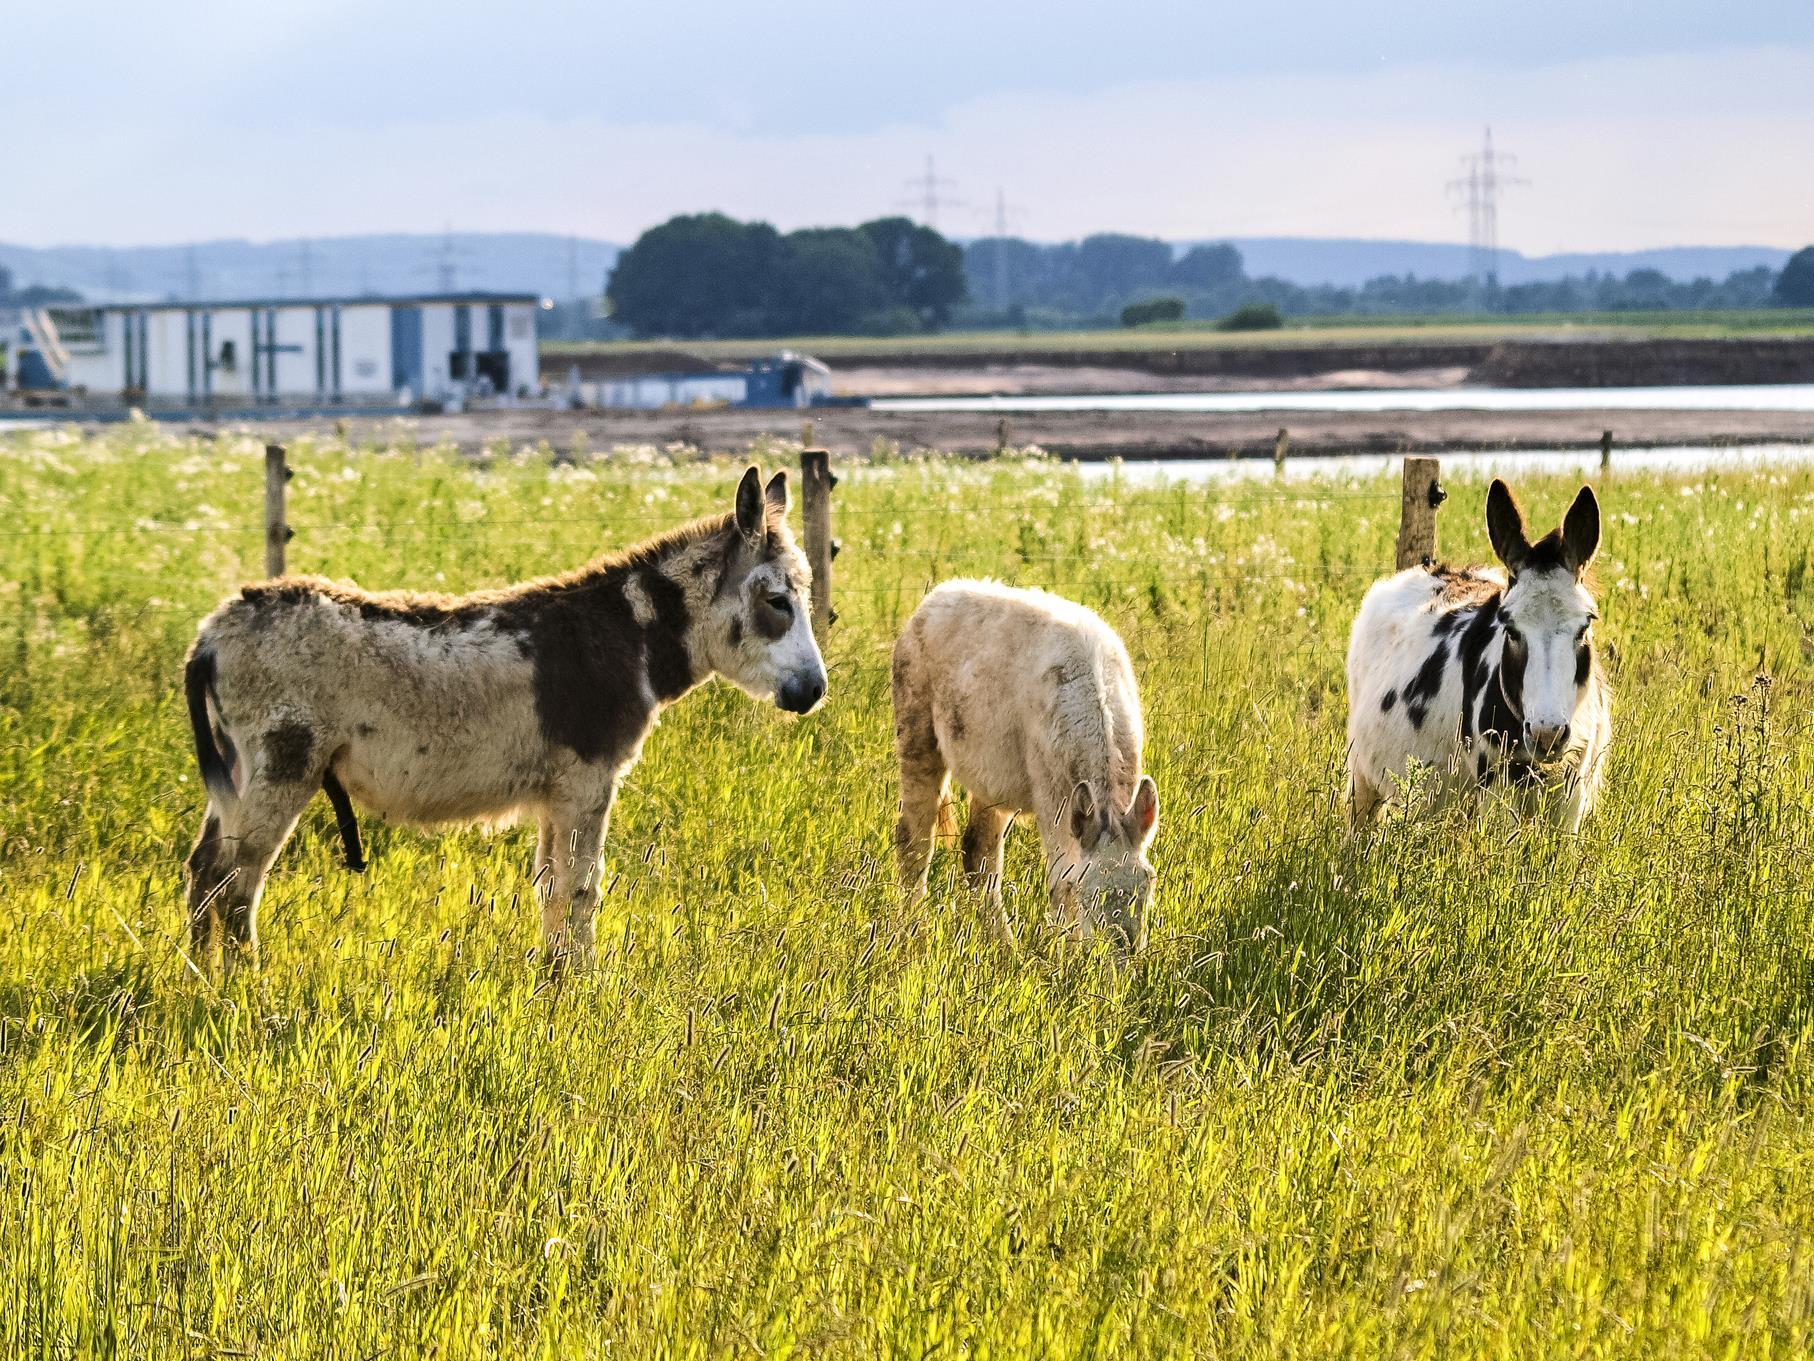 Die Esel grasen auf der Weide am Stichweg, im Hintergrund ist das Abbauschiff zu sehen.